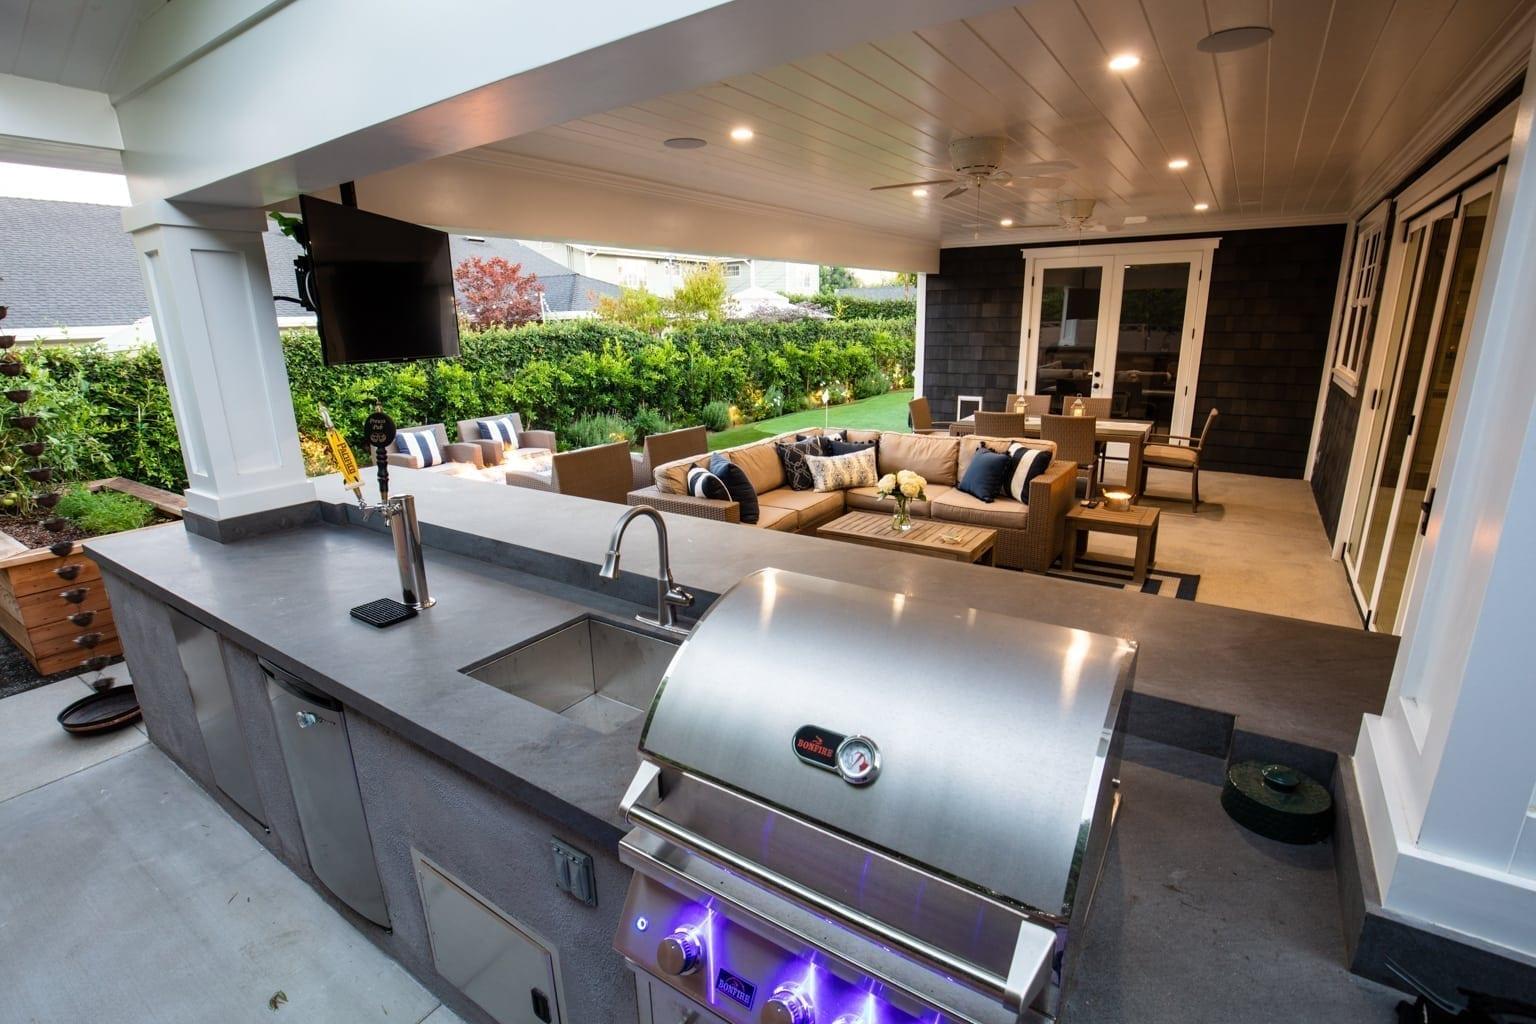 Amazing Outdoor Kitchen Manhattan Beach, CA